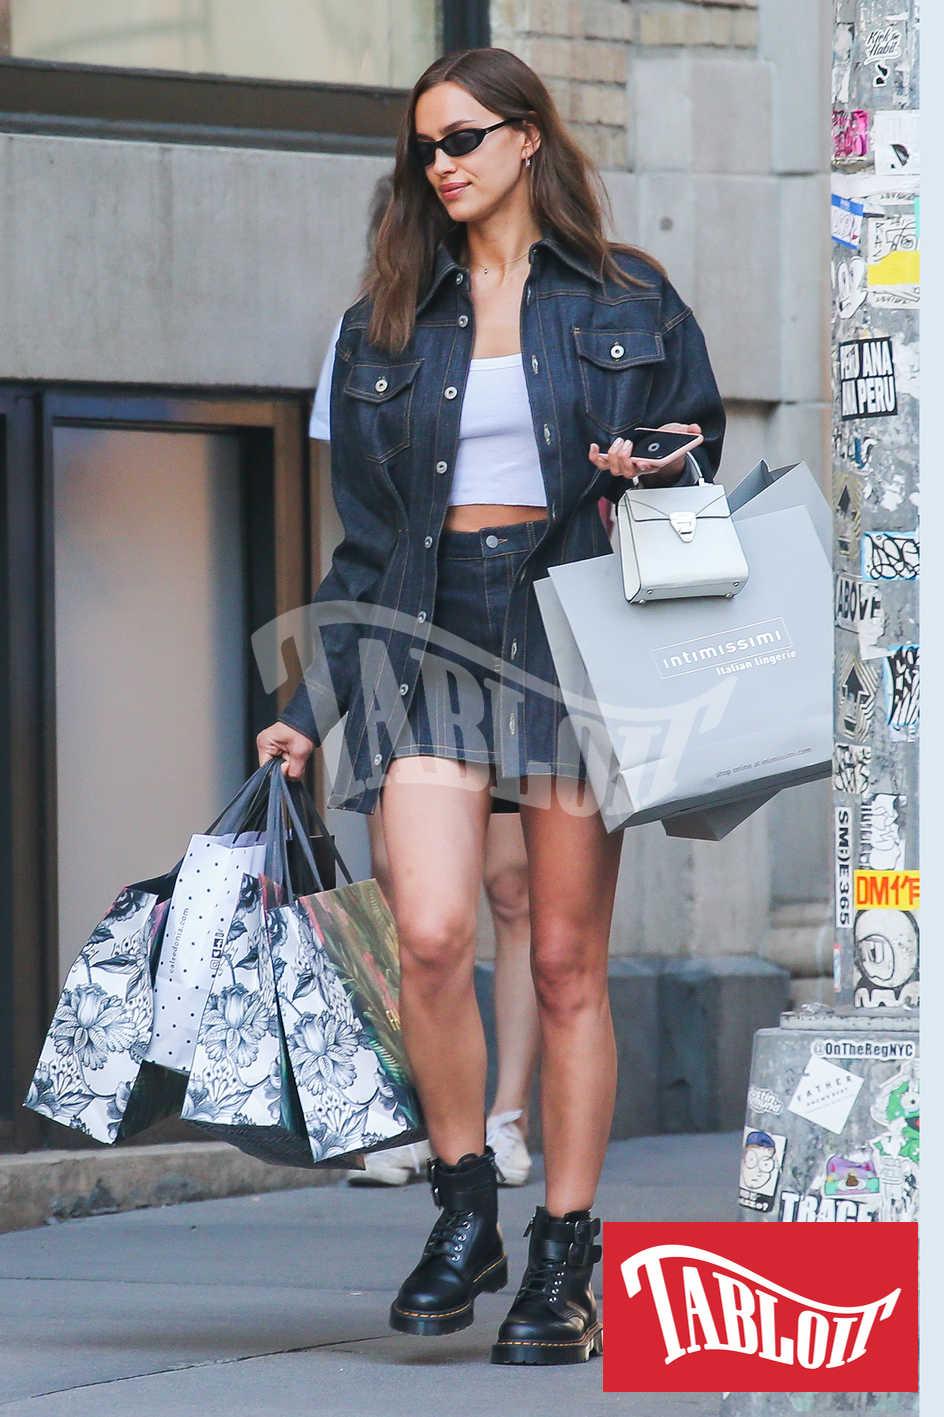 Irina Shayk carica di borse dopo lo shopping da Intimissimi e Falconeri